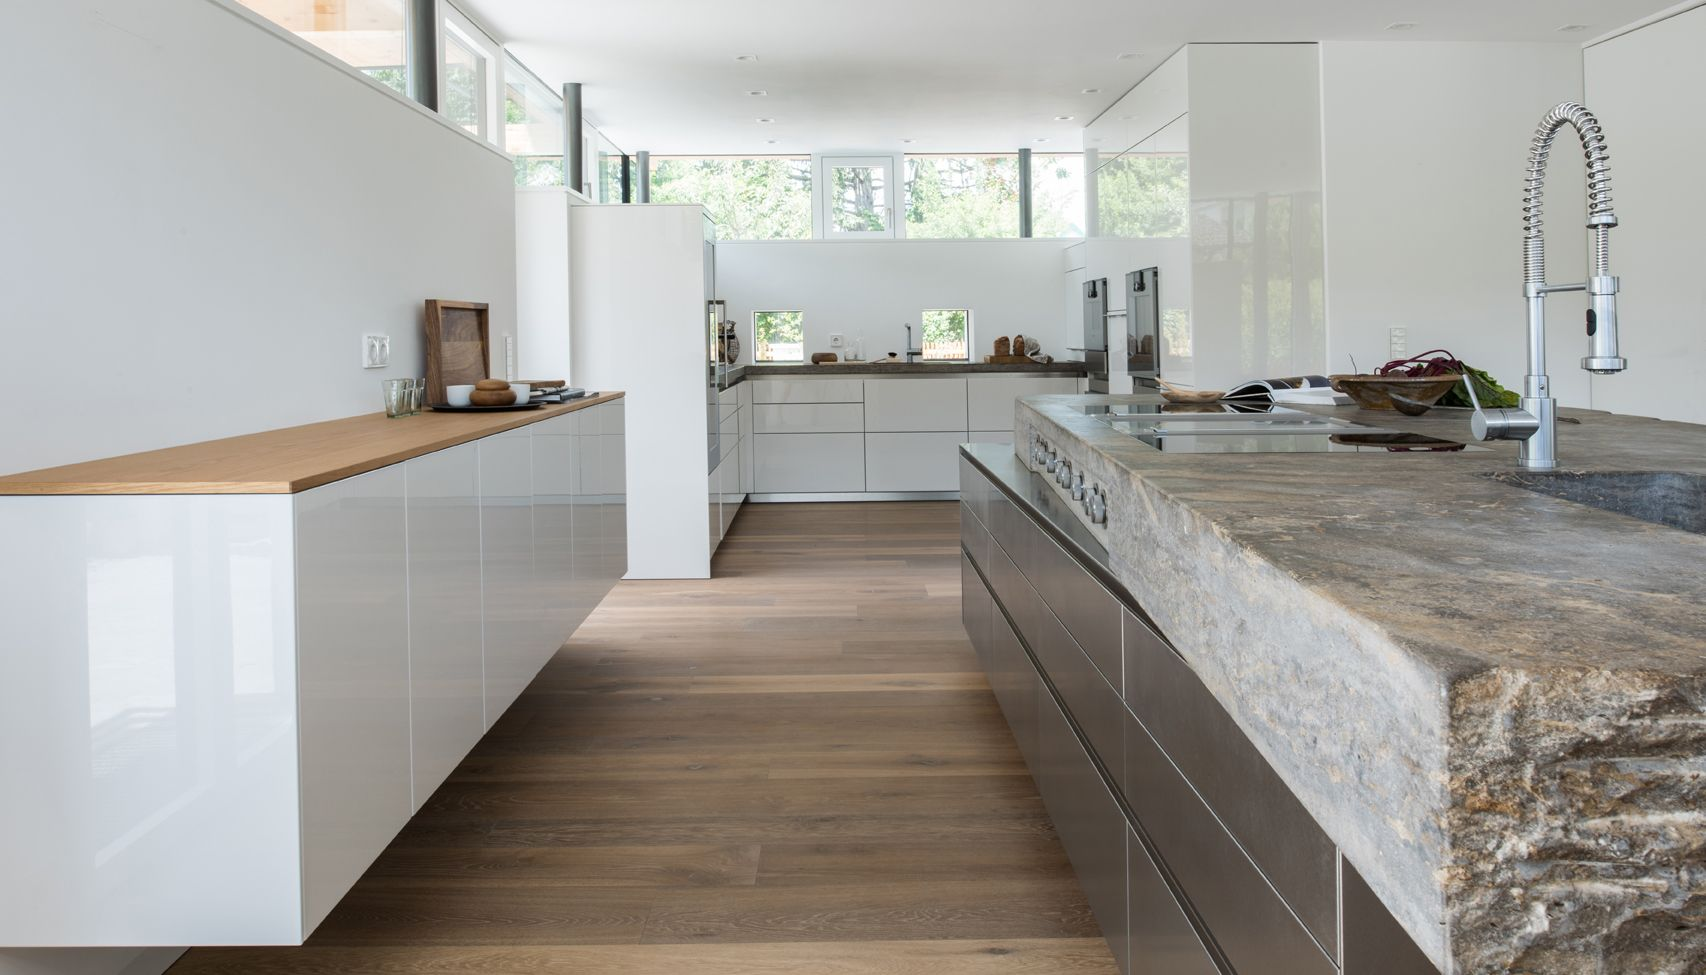 Outdoorküche Stein Zürich : Outdoor küche u steine multiplexplatte arbeitsplatte küche